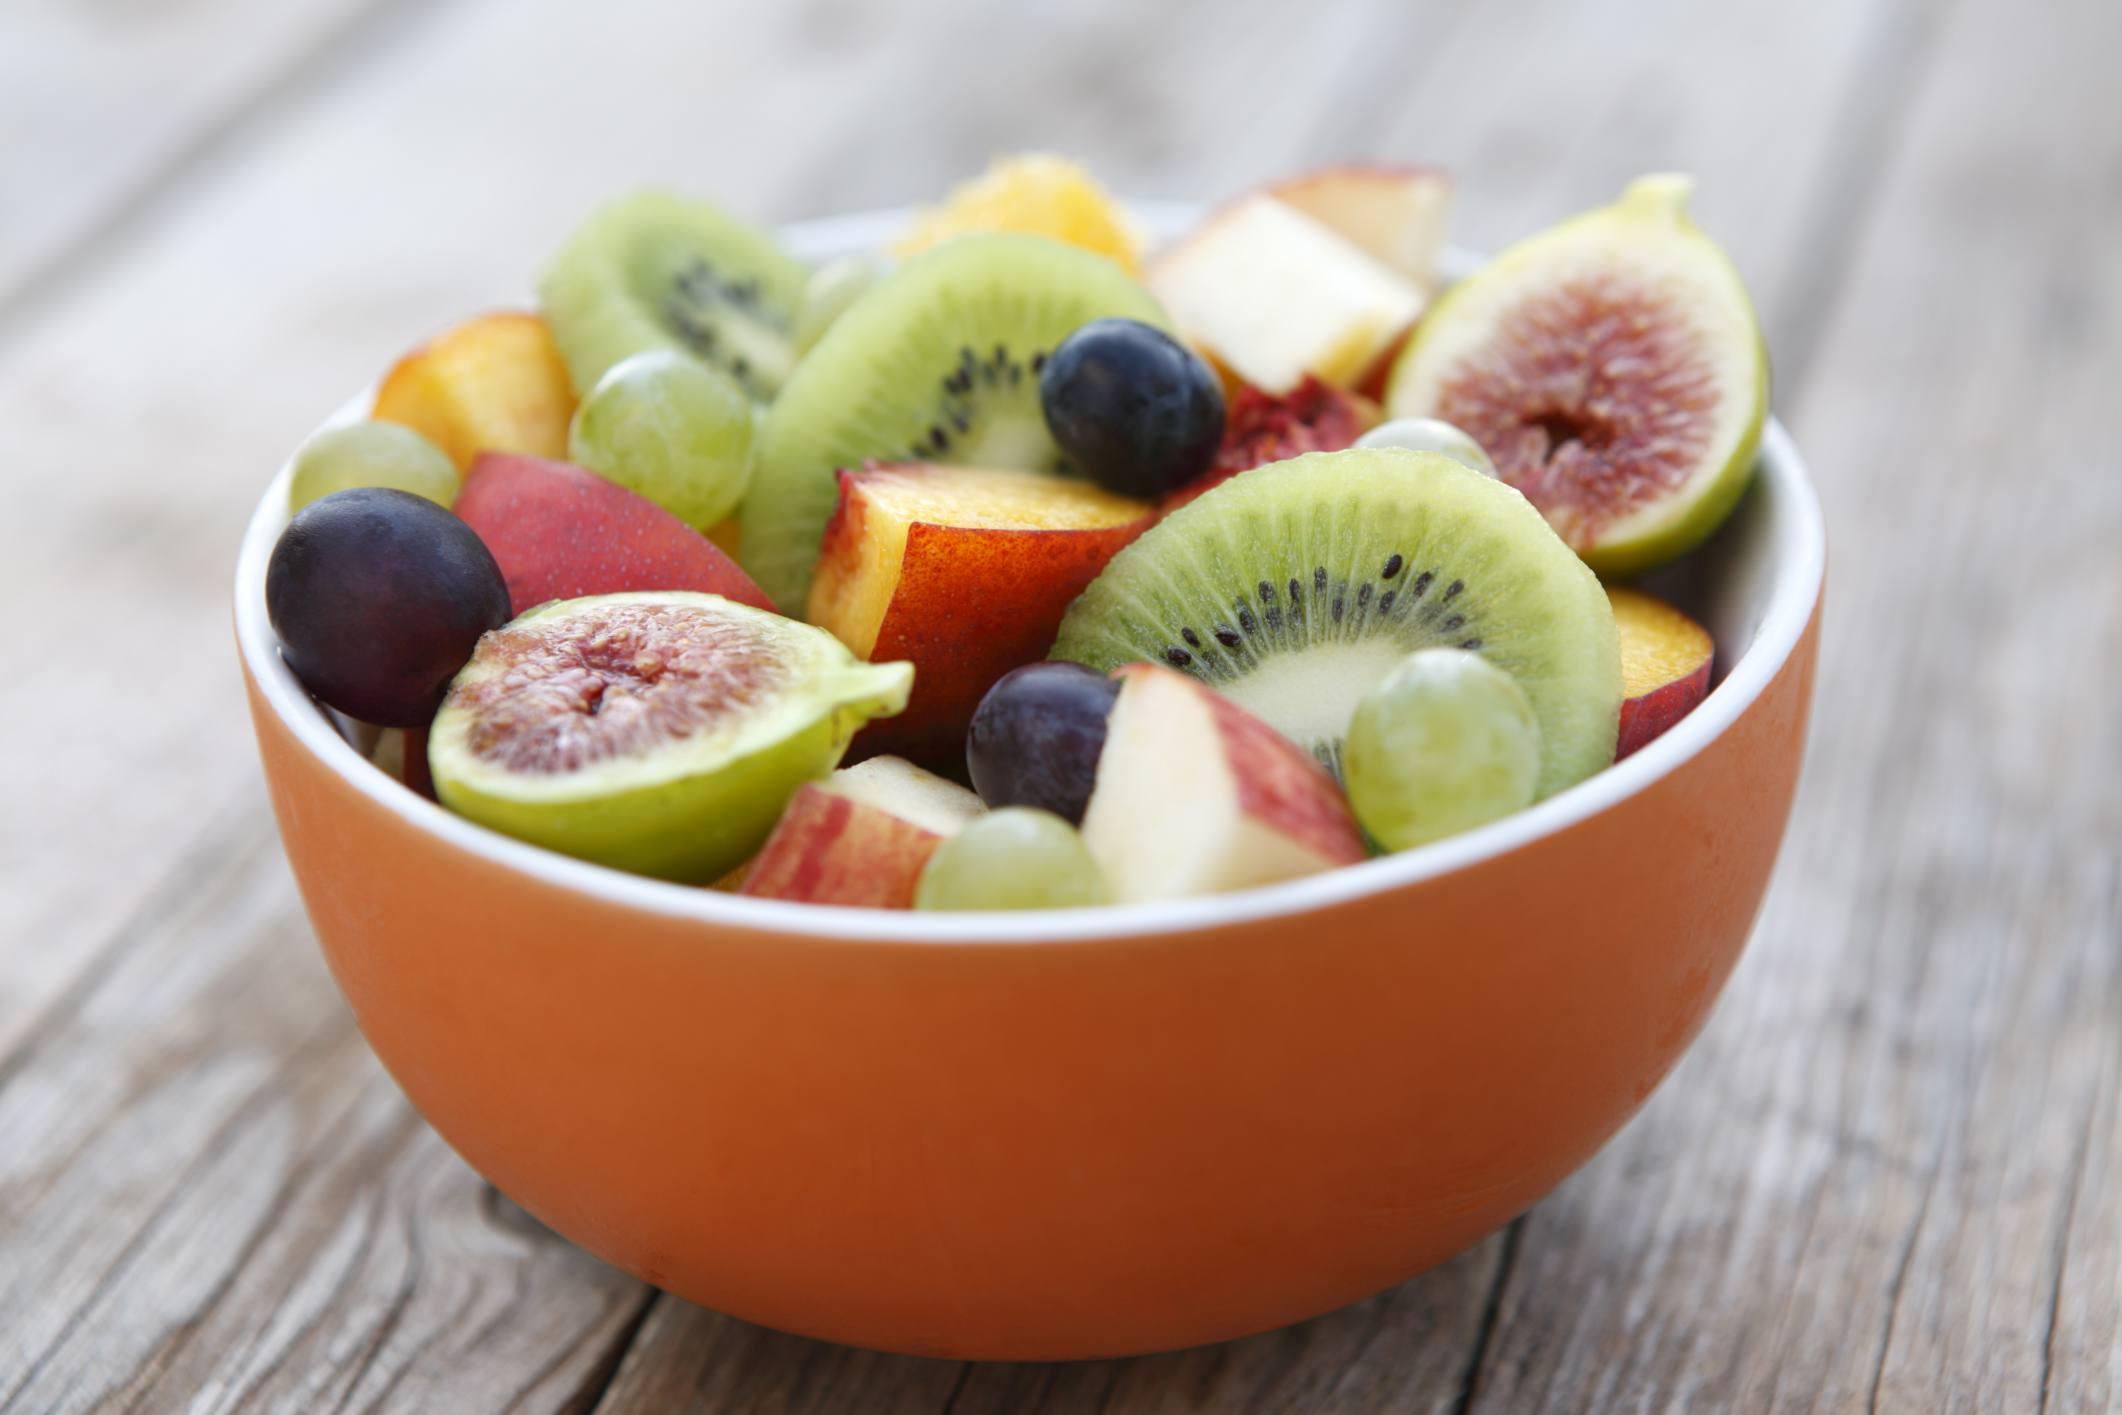 Desayuno nutritivo bol de frutas